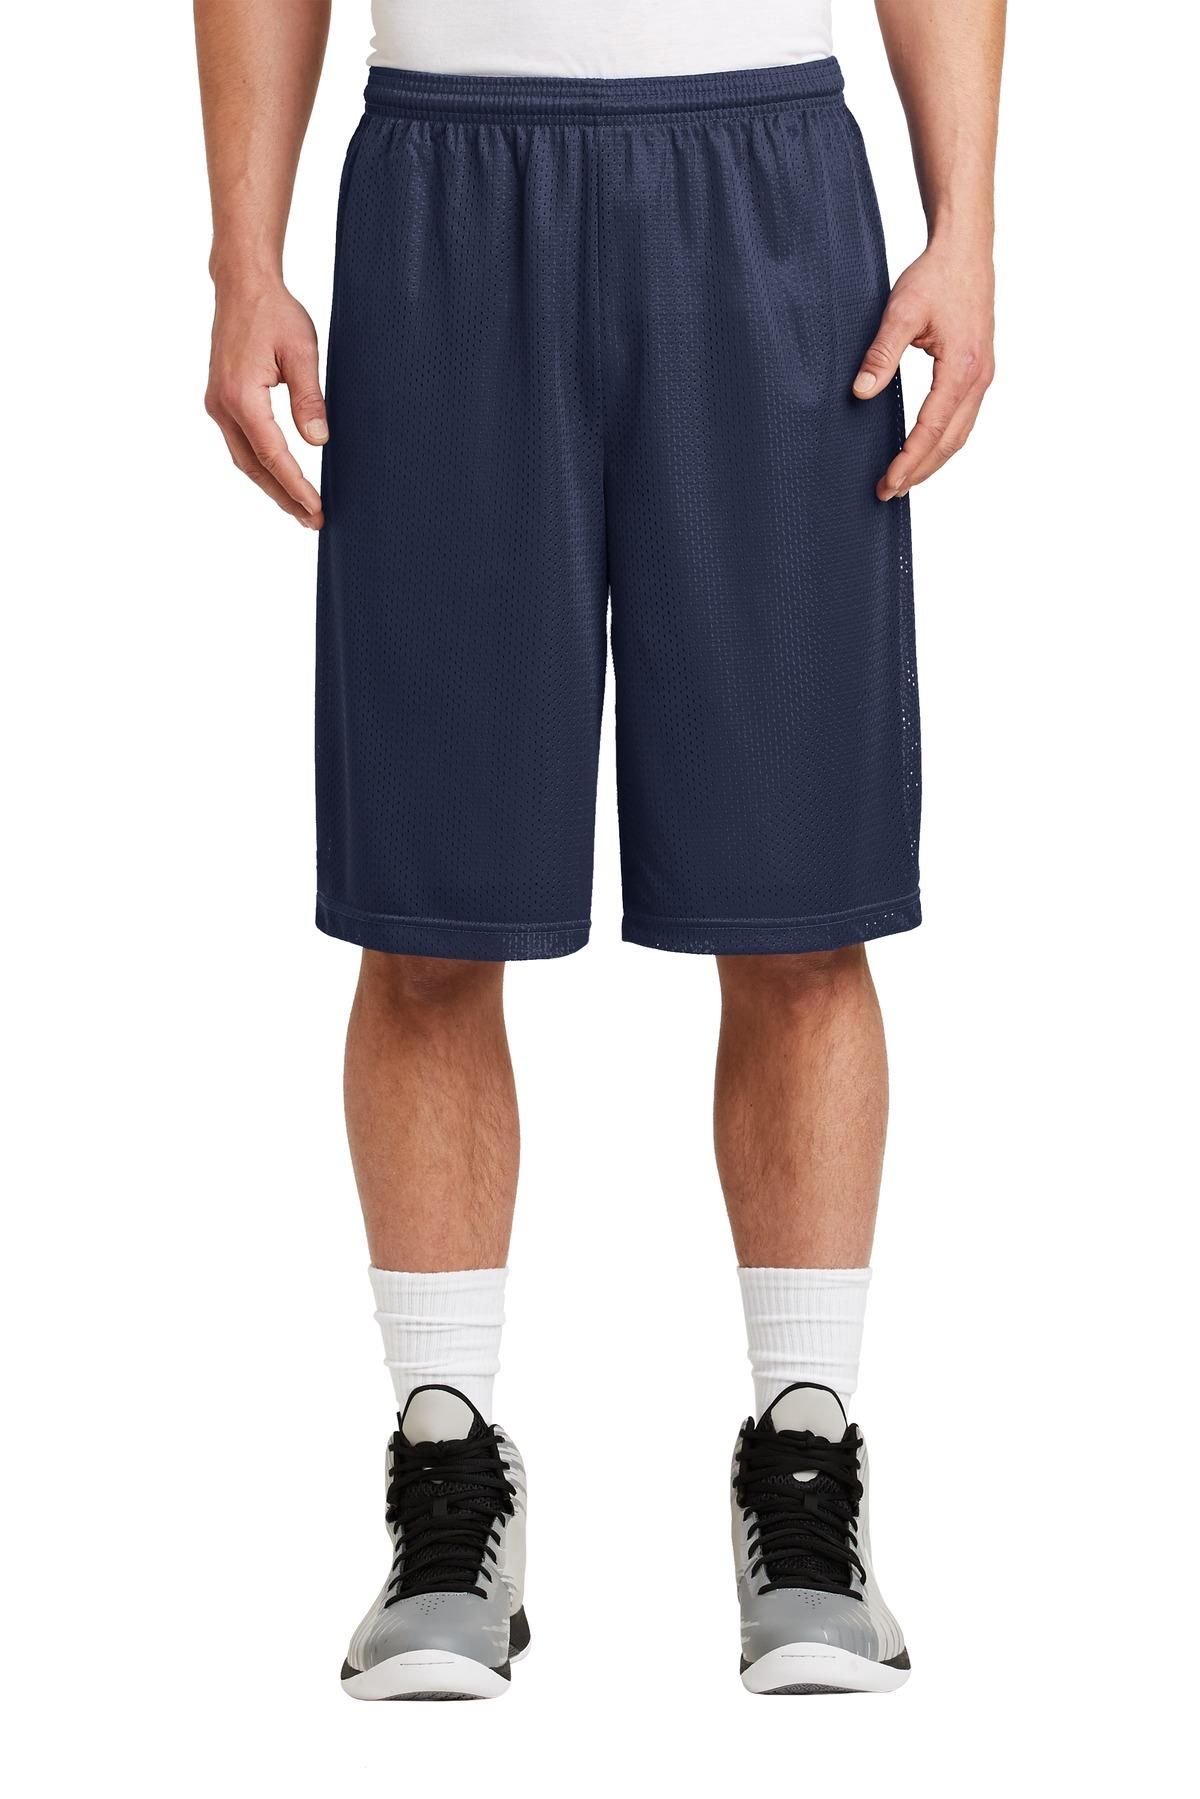 Sport-Tek® Extra Long PosiCharge® Classic Mesh Short.-Sport-Tek